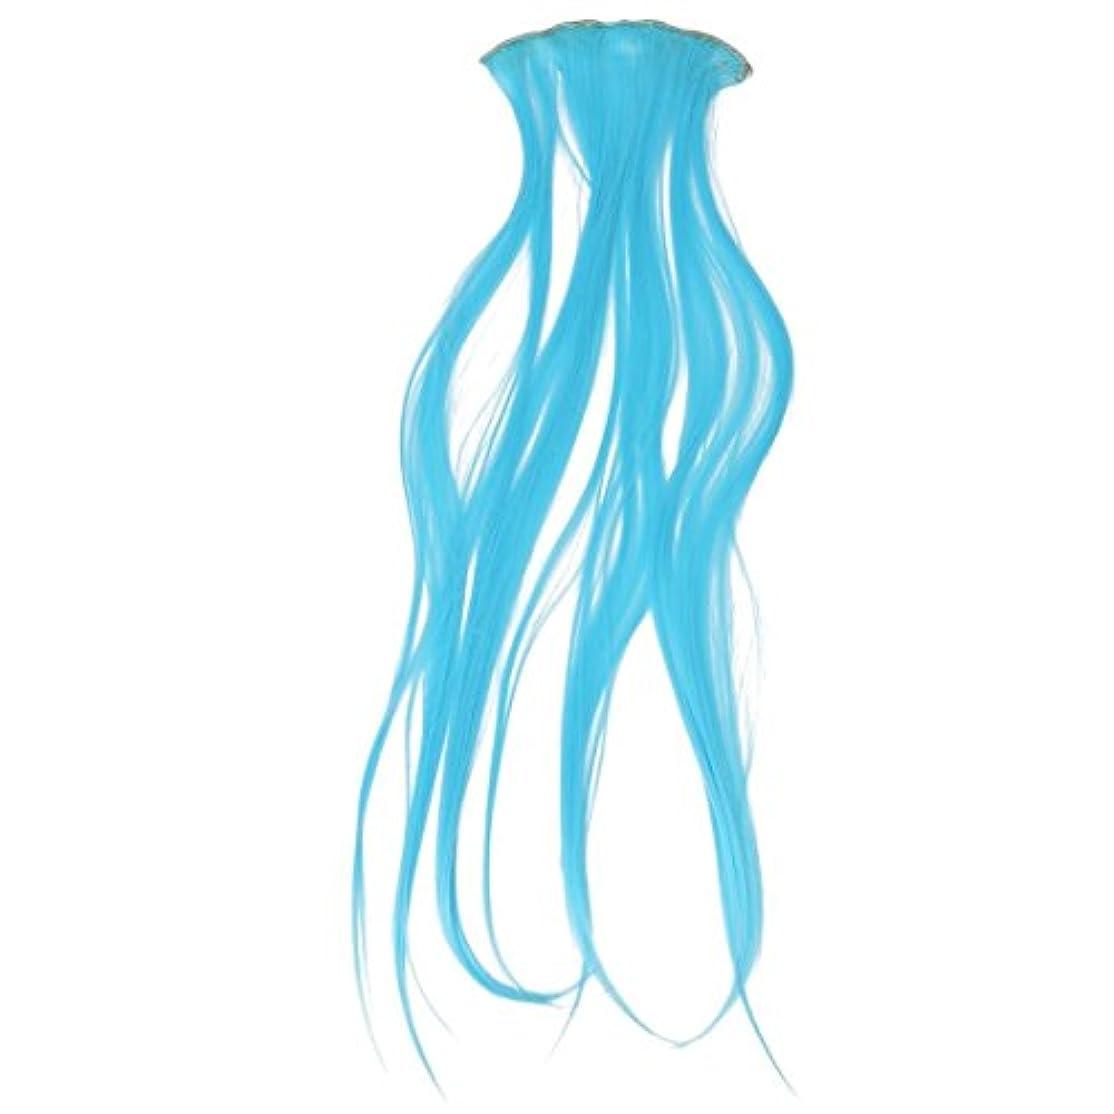 無効例外改修するヘアエクステンション,SODIAL(R) 8x本当の厚いレディースガールズロングフルヘアヘア クリップインヘアエクステンション 空色 66cm